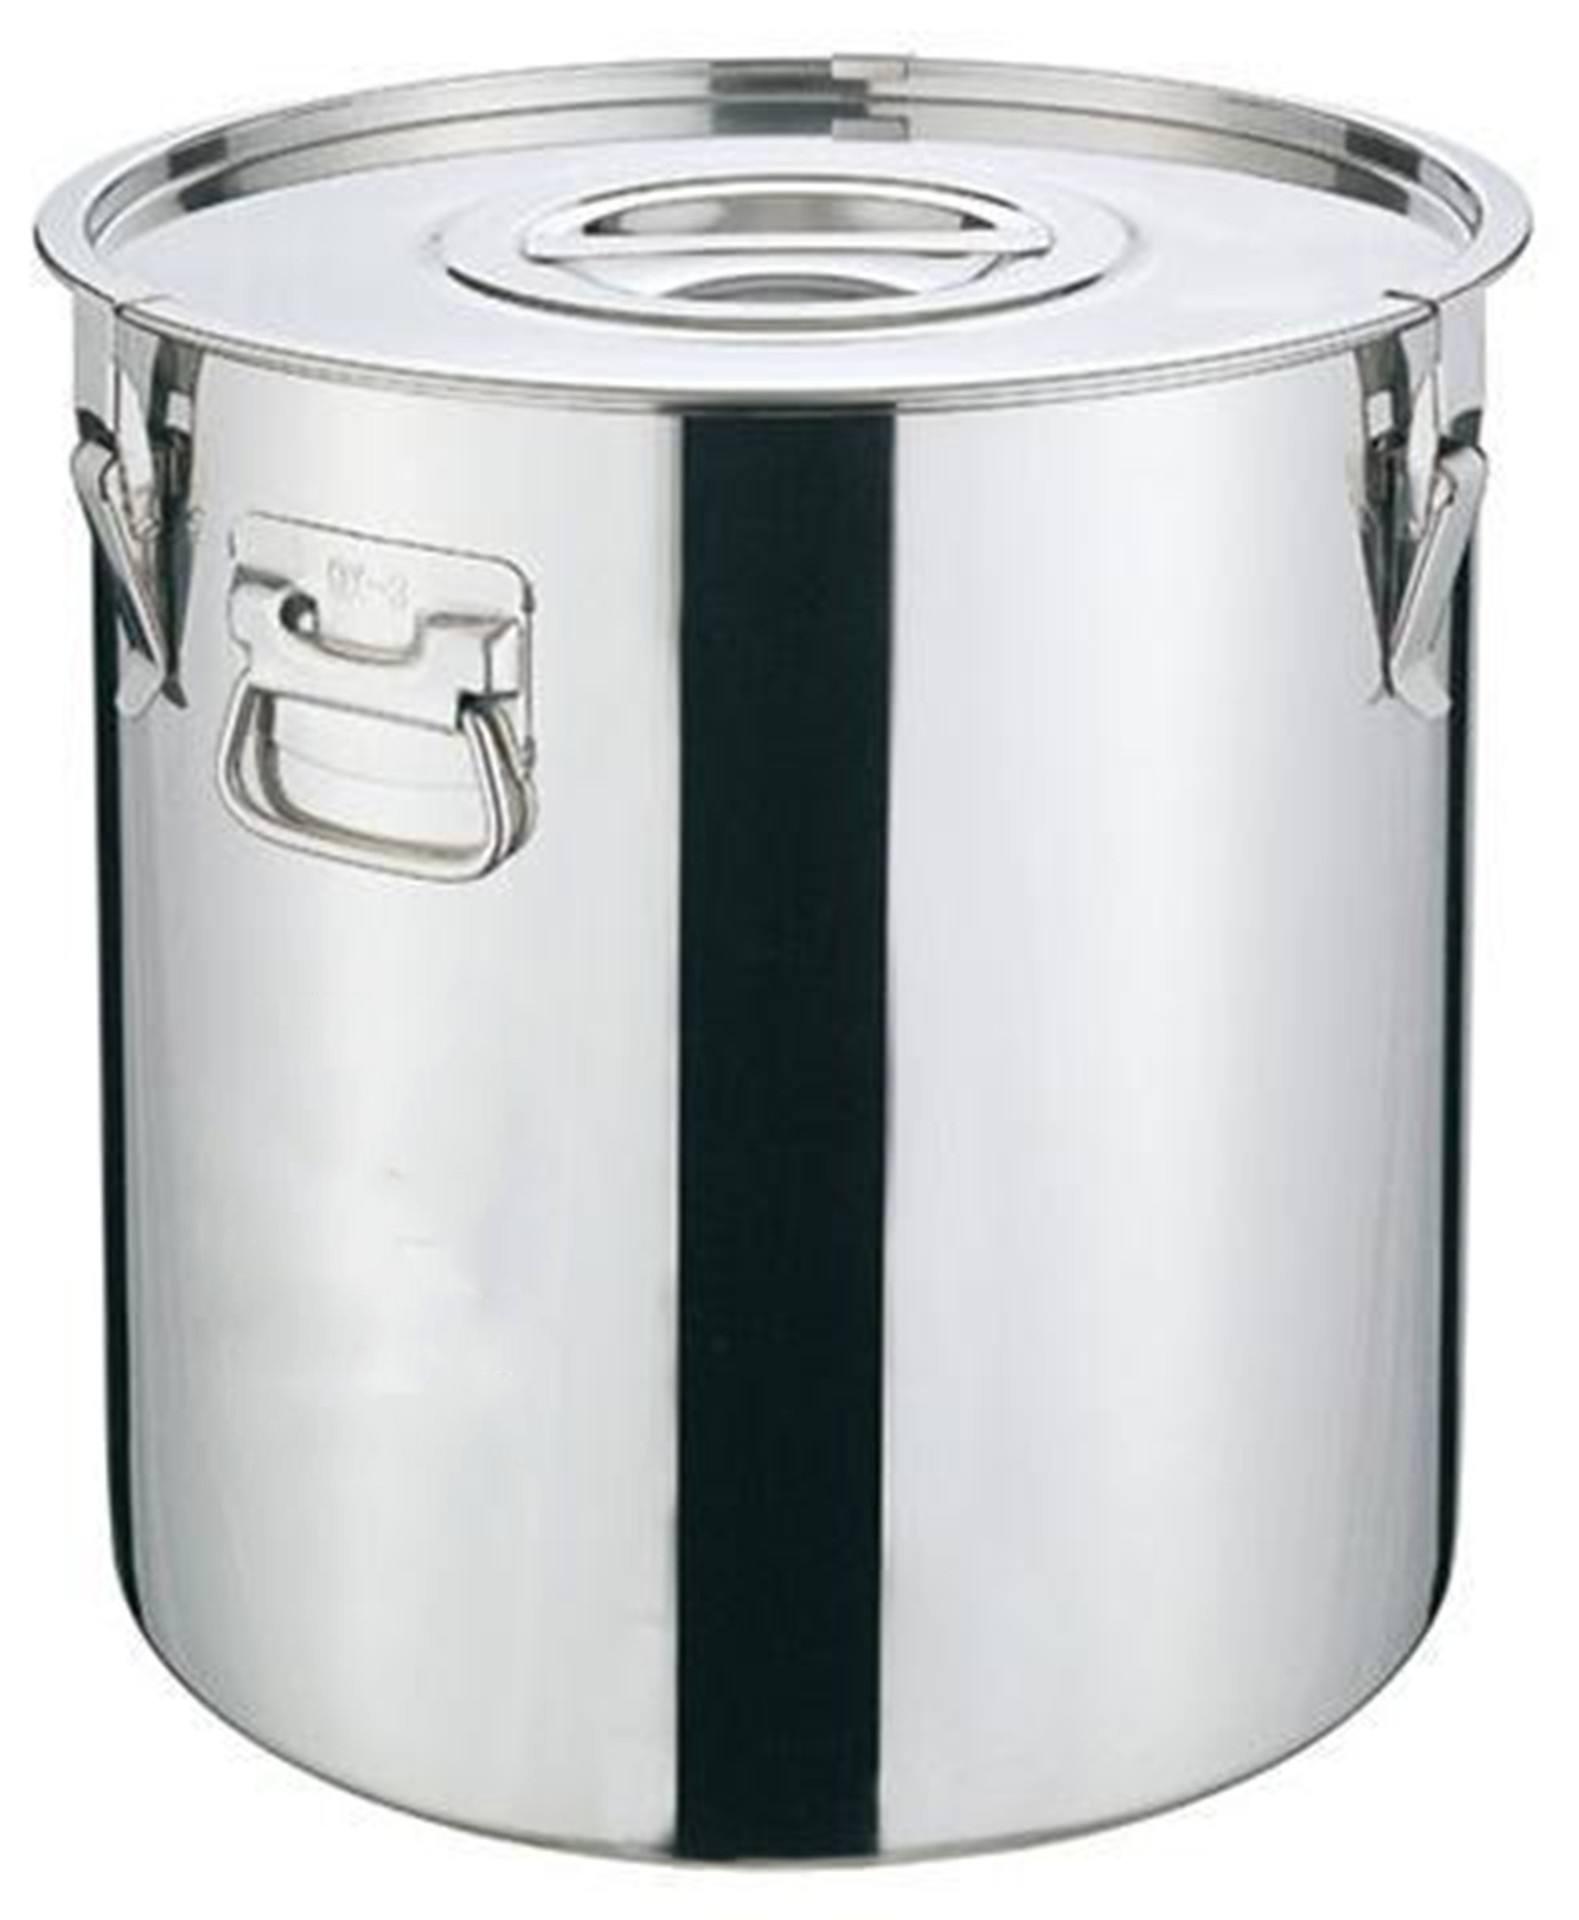 不锈钢密封桶